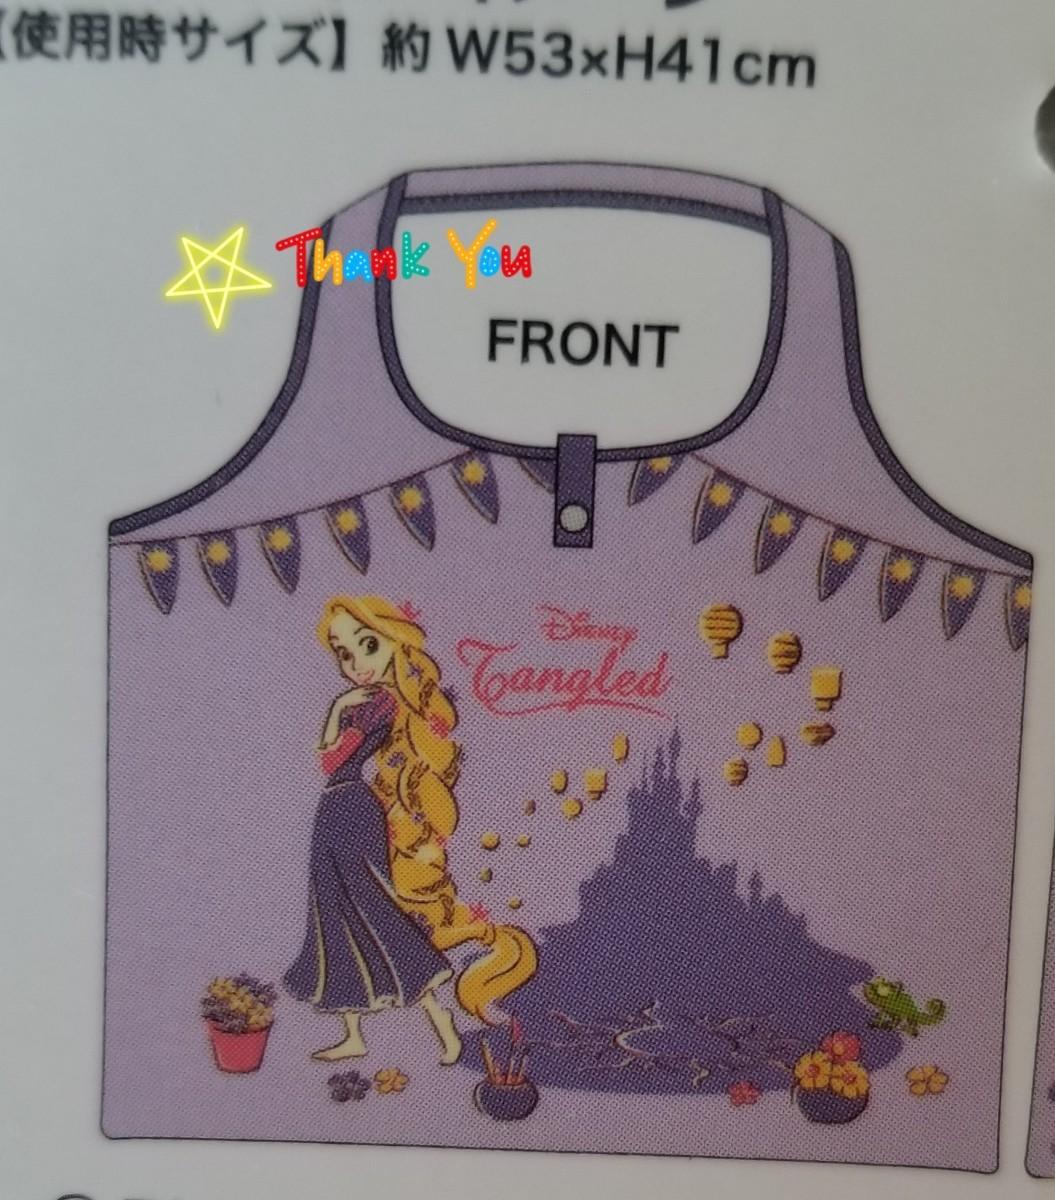 ディズニー プリンセス ラプンツェル エコバッグ トートバッグ 折り畳みエコバッグ